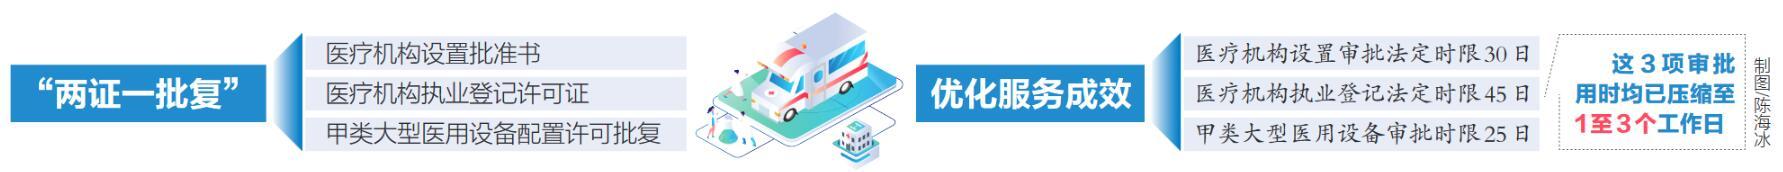 """助医疗机构加快落户!海南省卫健委在乐城先行区推行""""两证一批复""""审批新模式"""